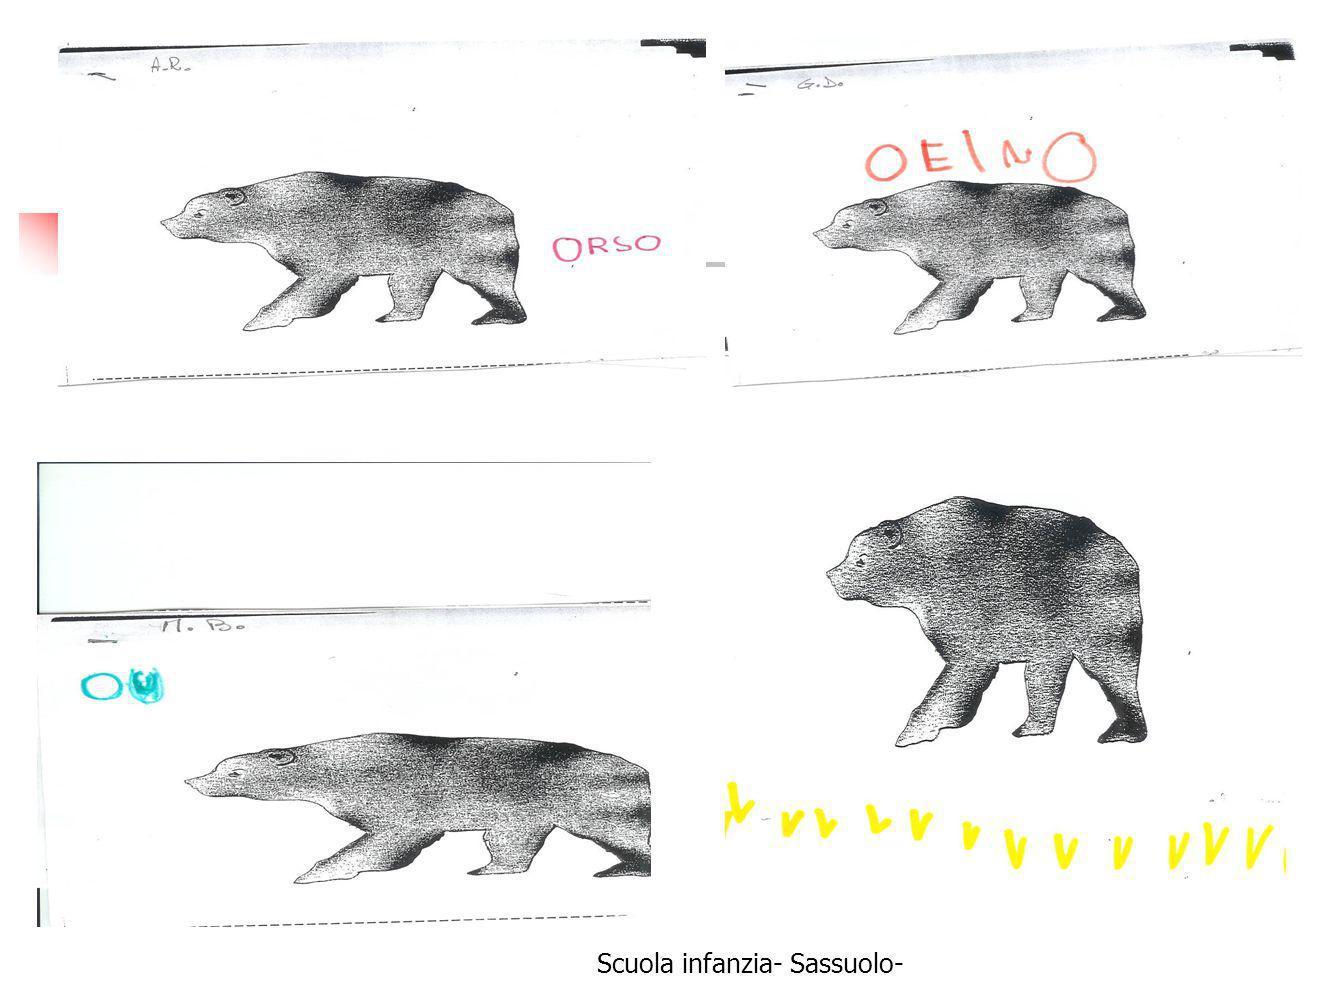 Scuola infanzia- Sassuolo-